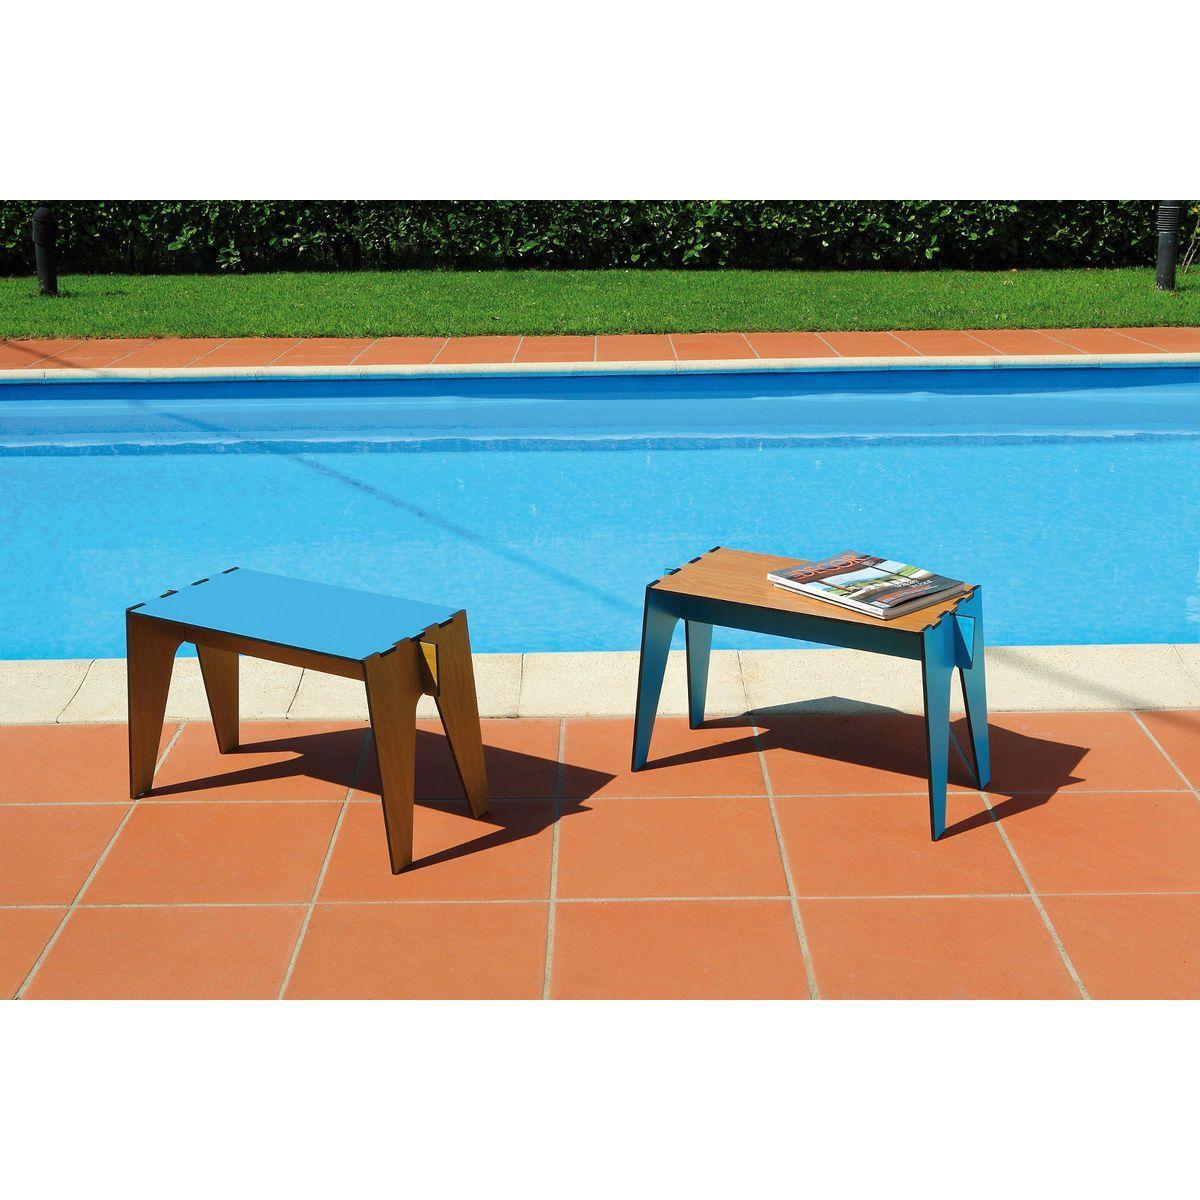 Tavolini bassi composti a incastro da quattro pezzi intercambiabili colore azzurro e rovere